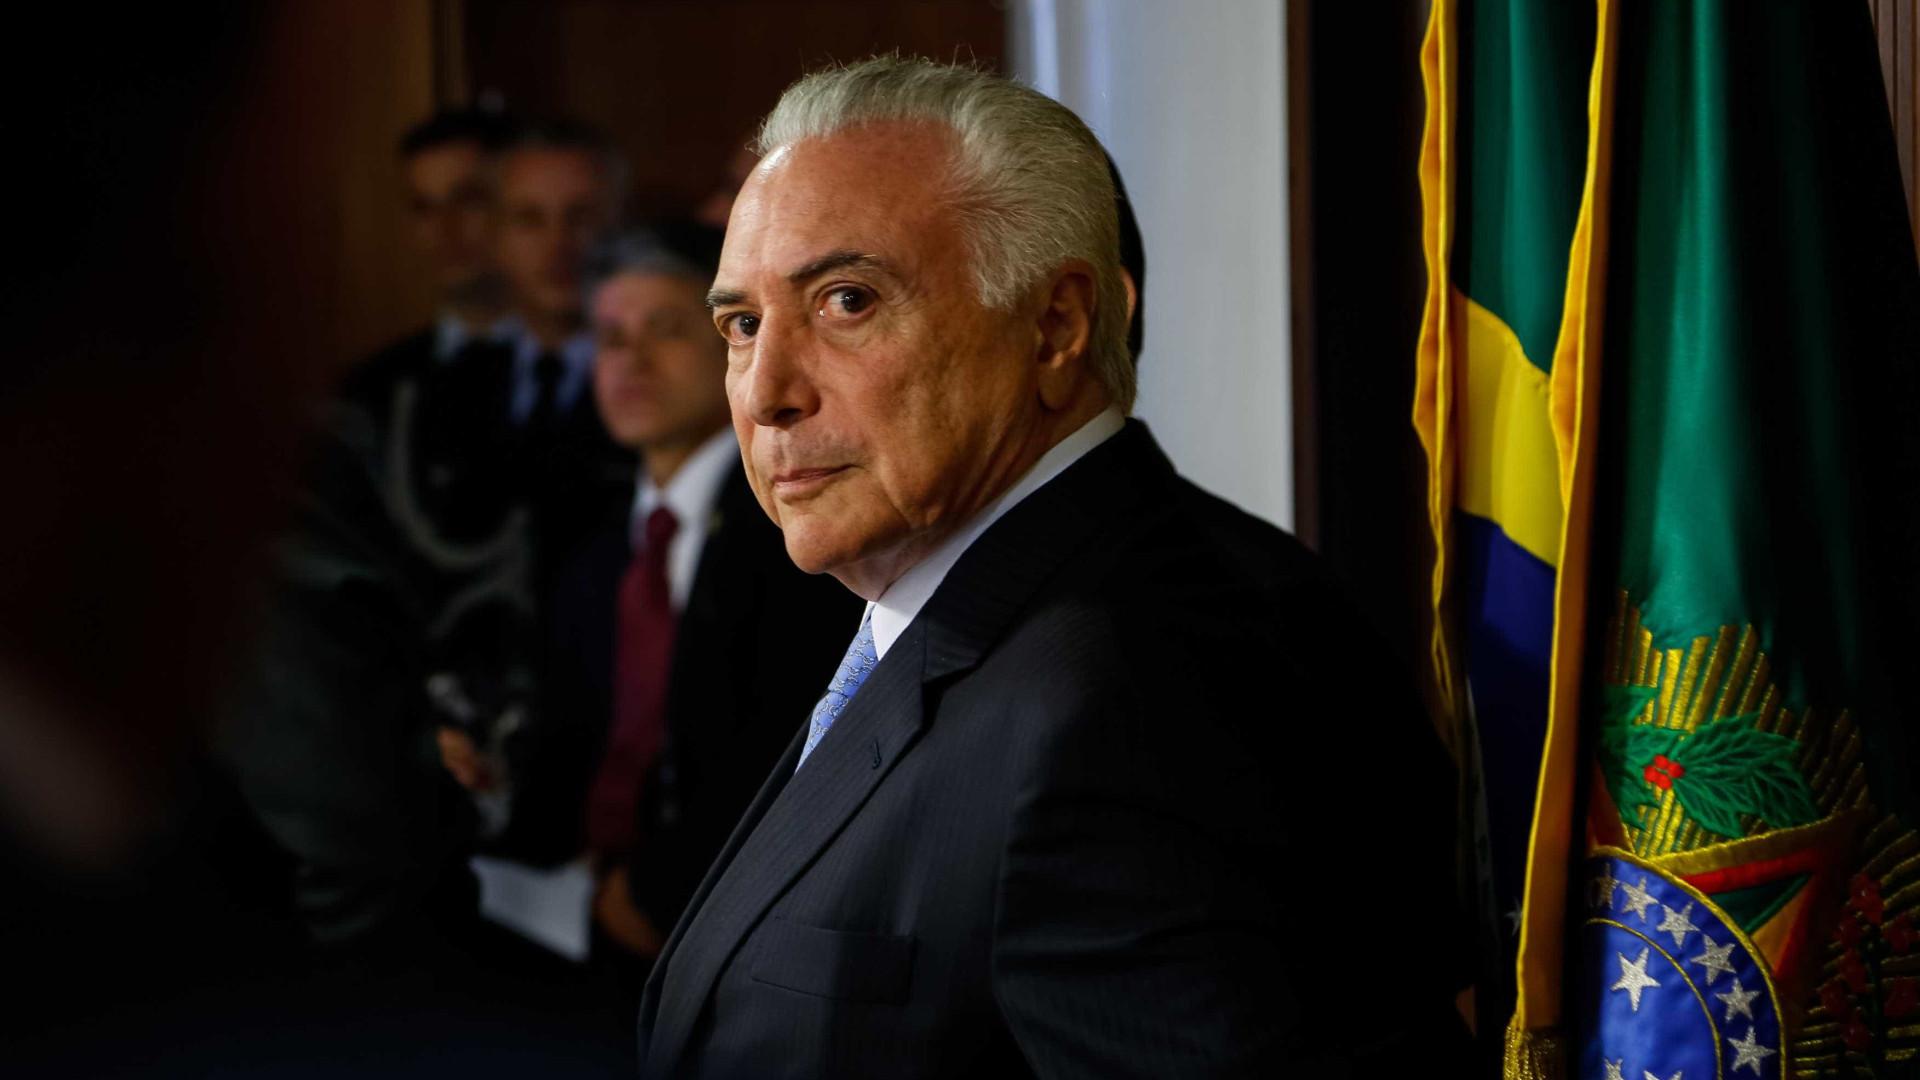 Planalto adota estratégia para tentar reeleição de Temer, diz coluna